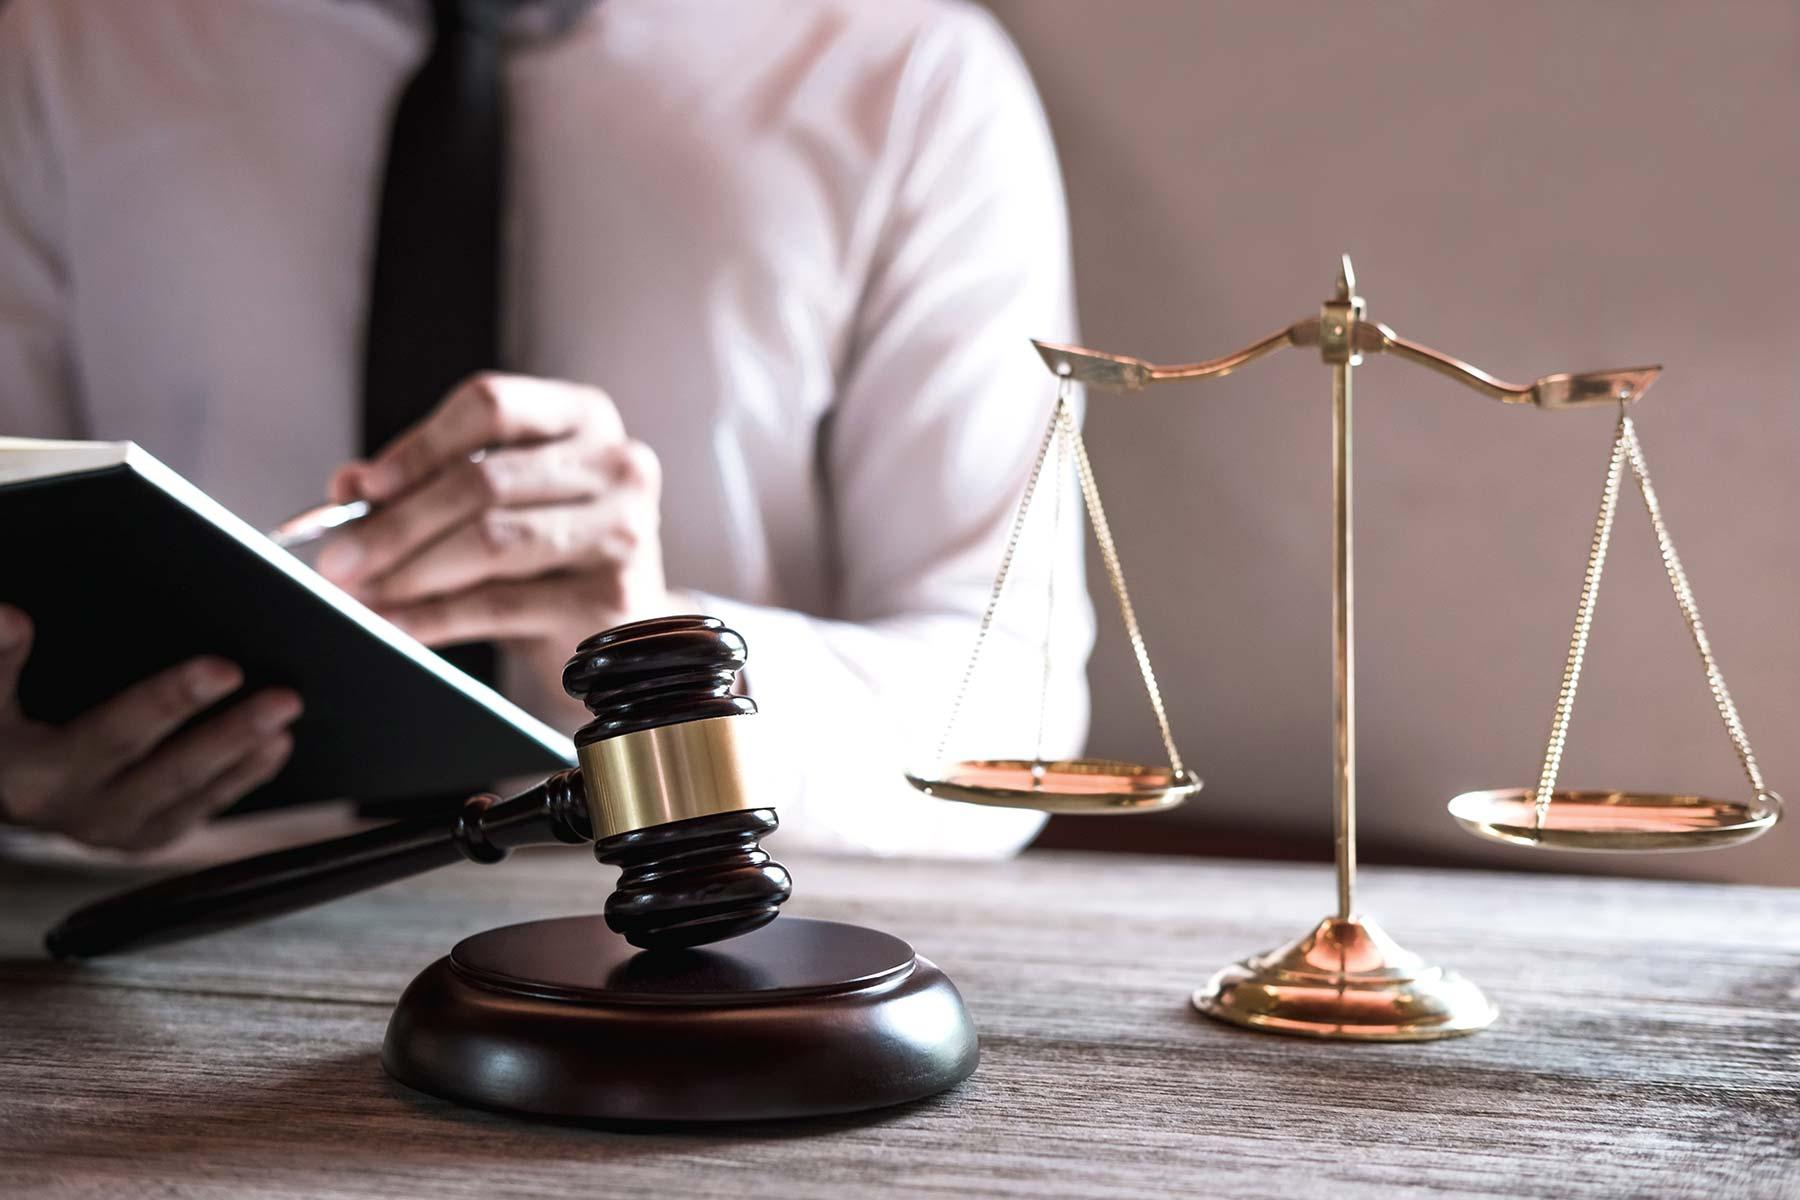 Cuadro comparativo de la reciente reforma a la Ley de Amparo